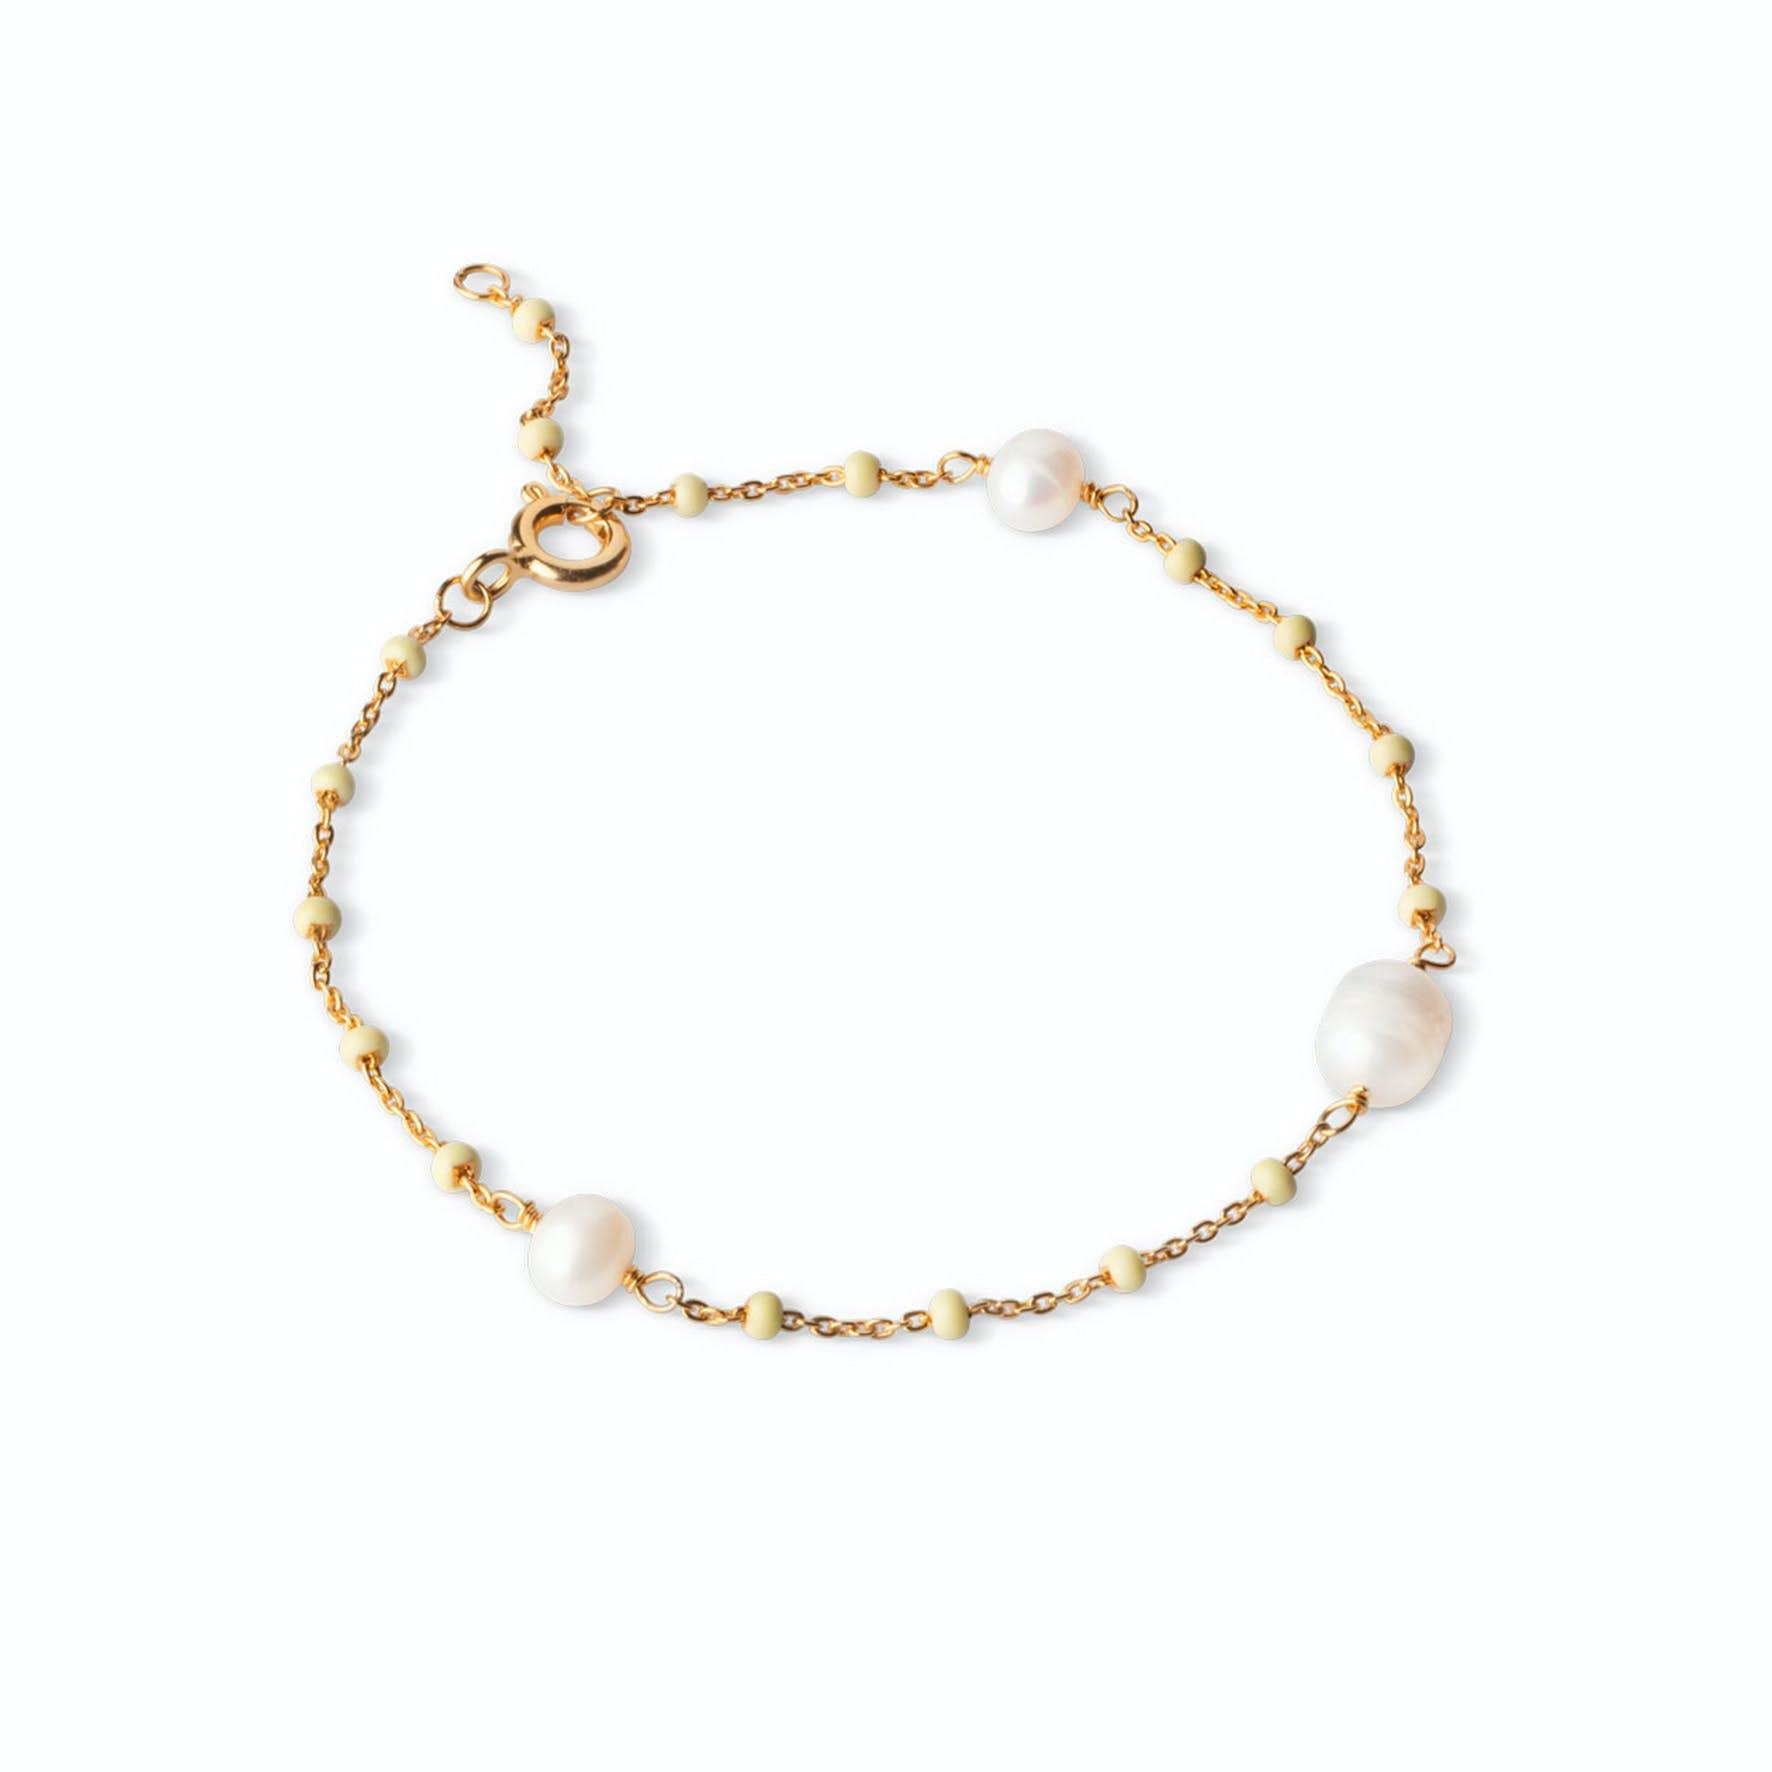 Lola Perlita Bracelet Lemone Pearl von Enamel Copenhagen in Vergoldet-Silber Sterling 925